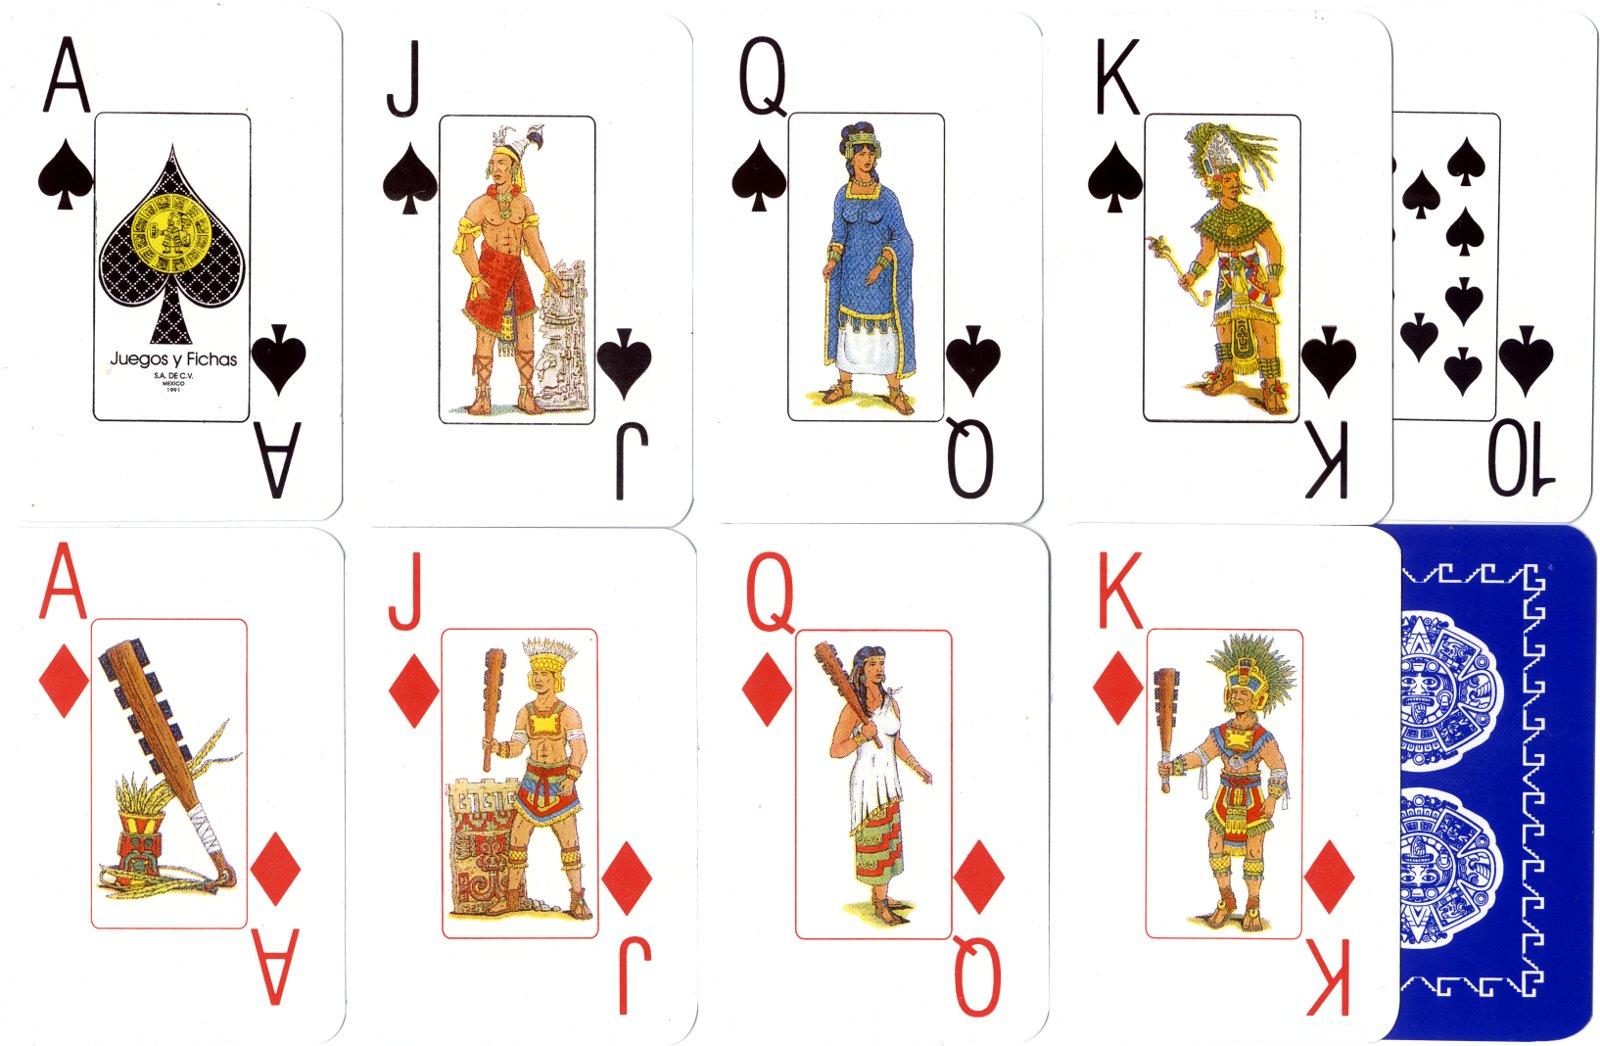 Mexican Poker cards made by Juegos y Fichas, S.A. de C.V., Mexico, 1991